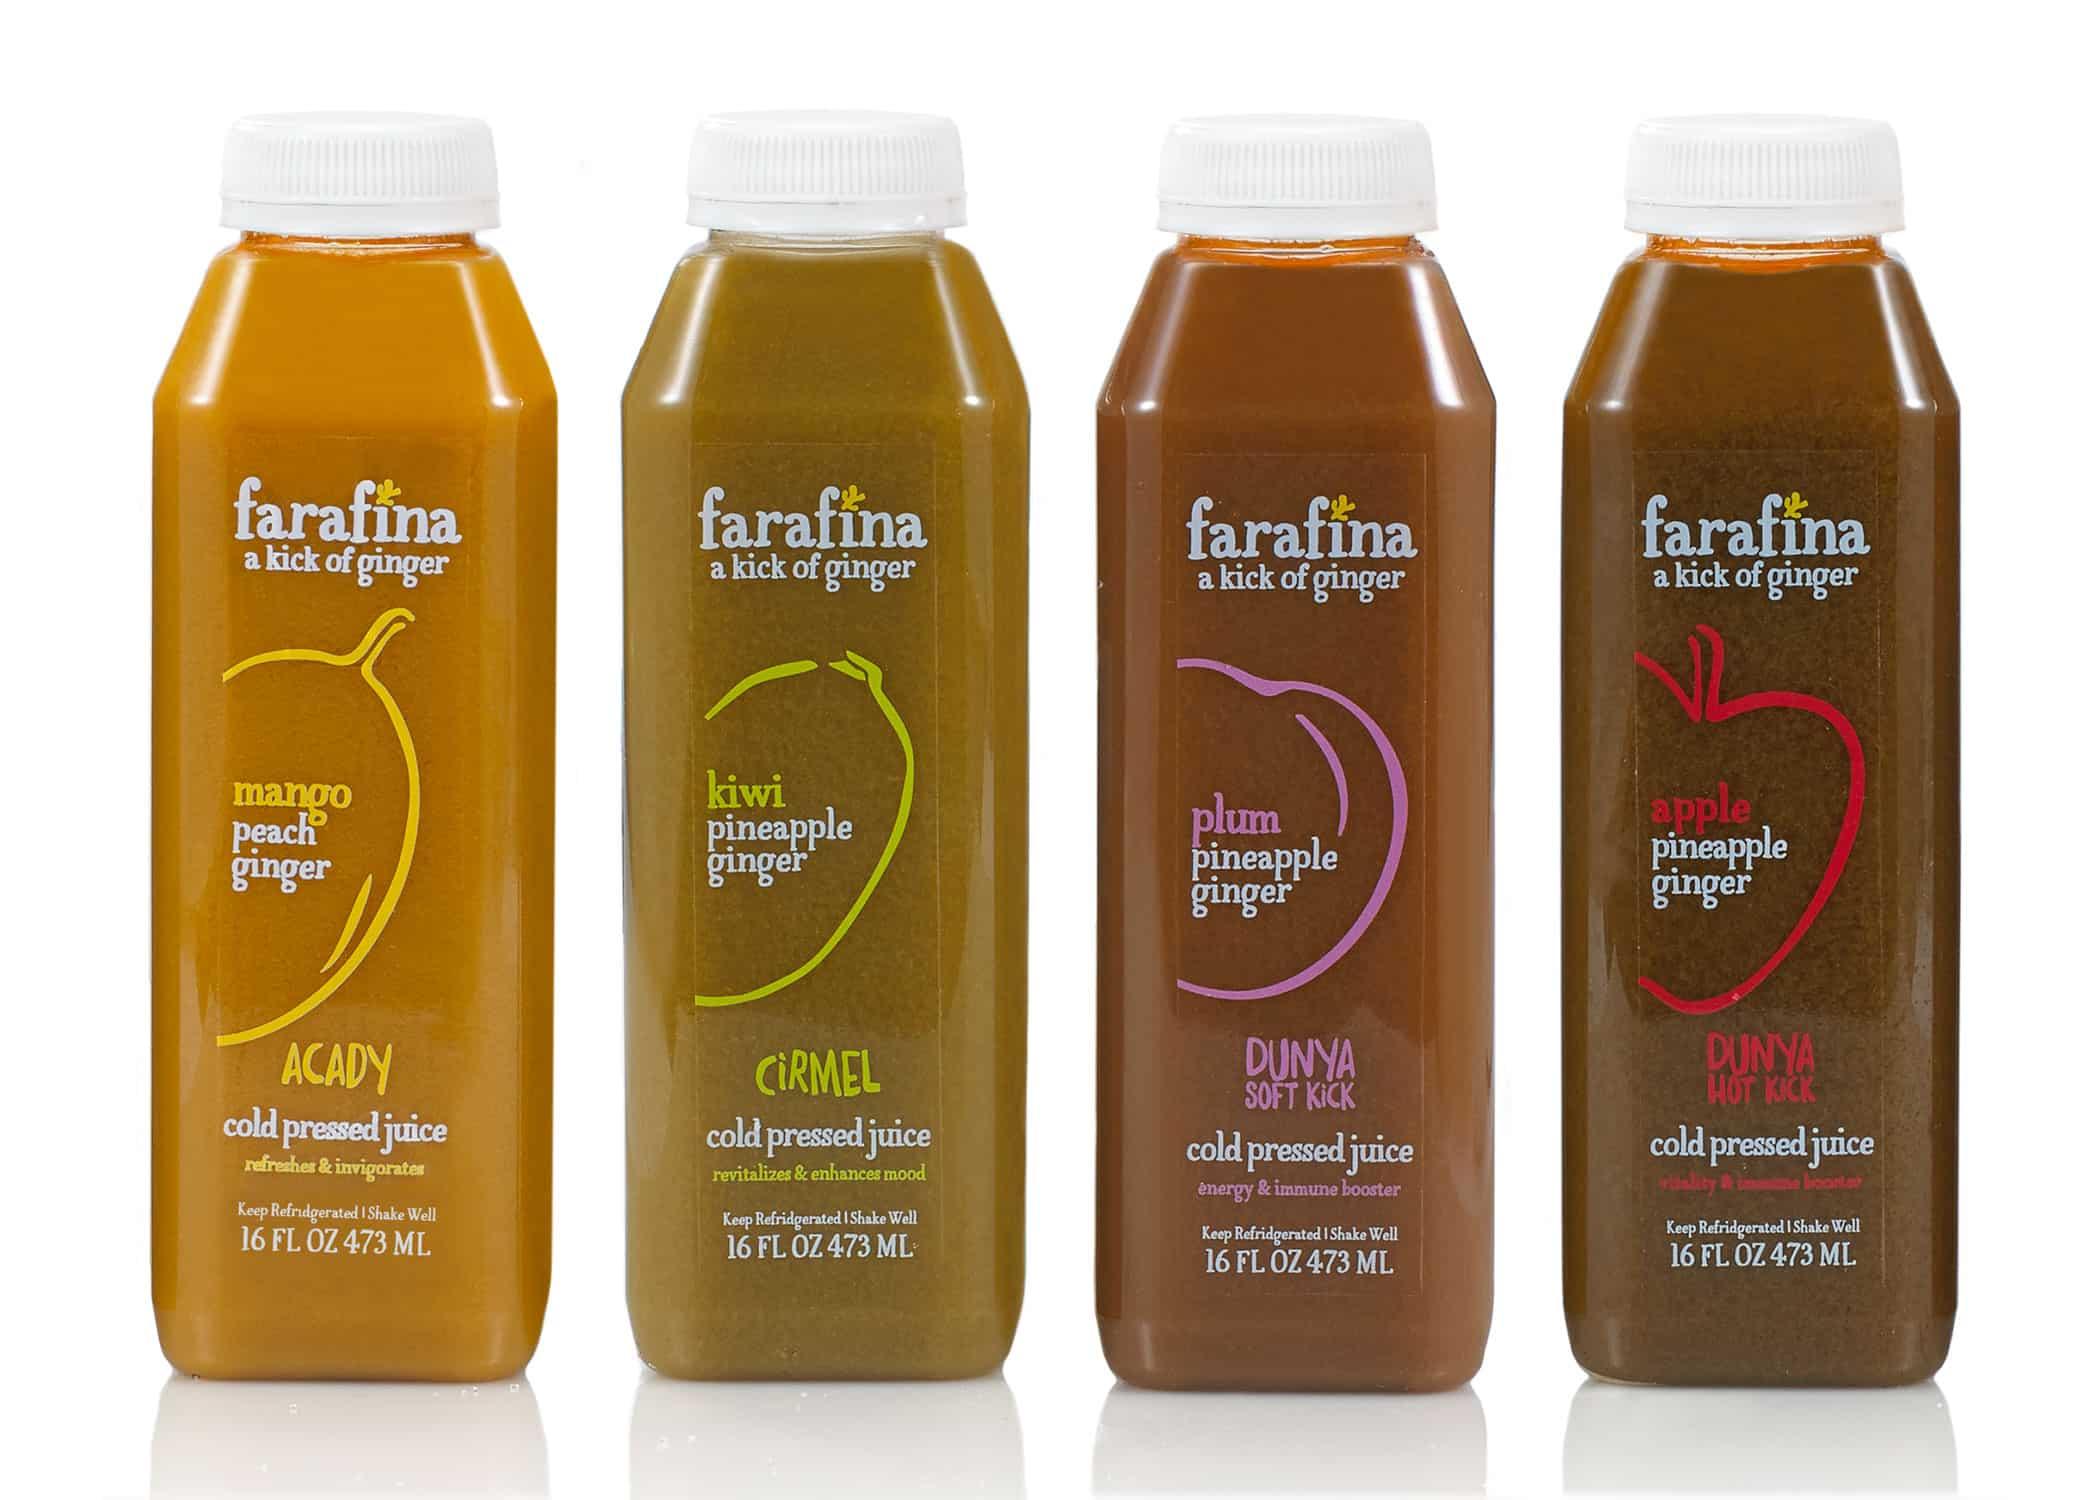 Farafina_juice_package_design_3